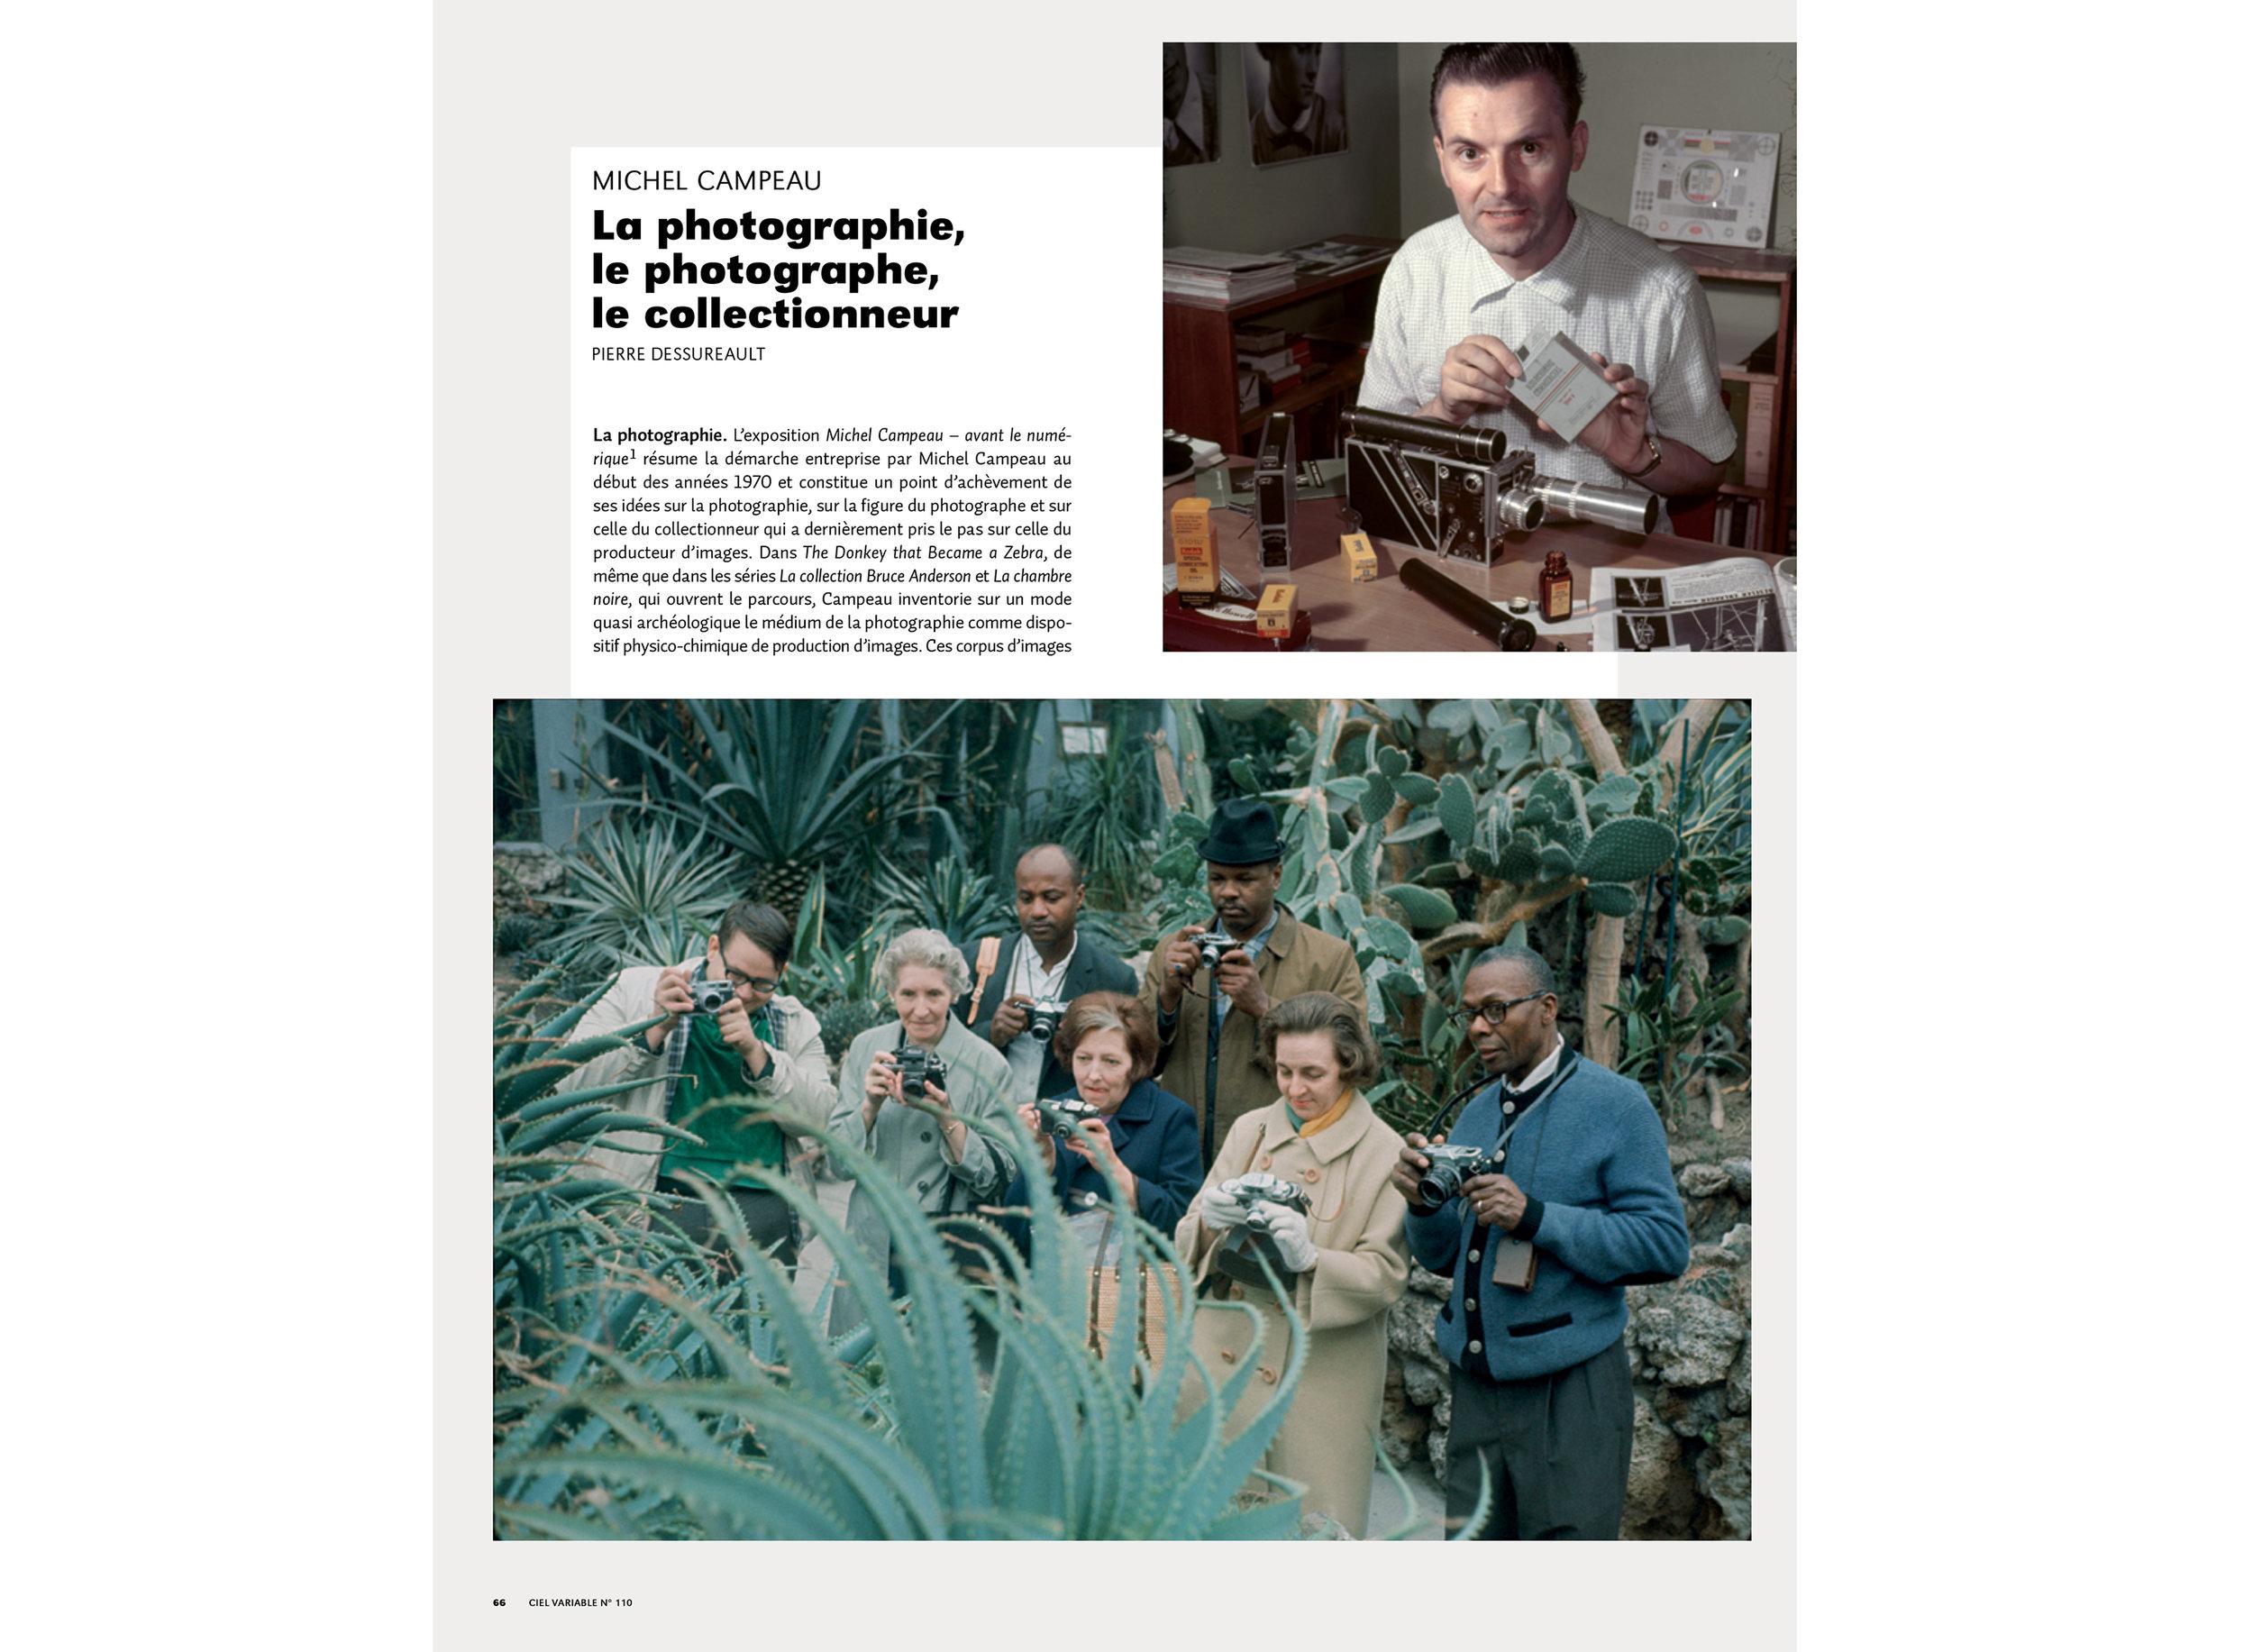 Pierre Dessureault | La photographie, le photographe, le collectionneur | CV110 | Michel Campeau-1.jpg